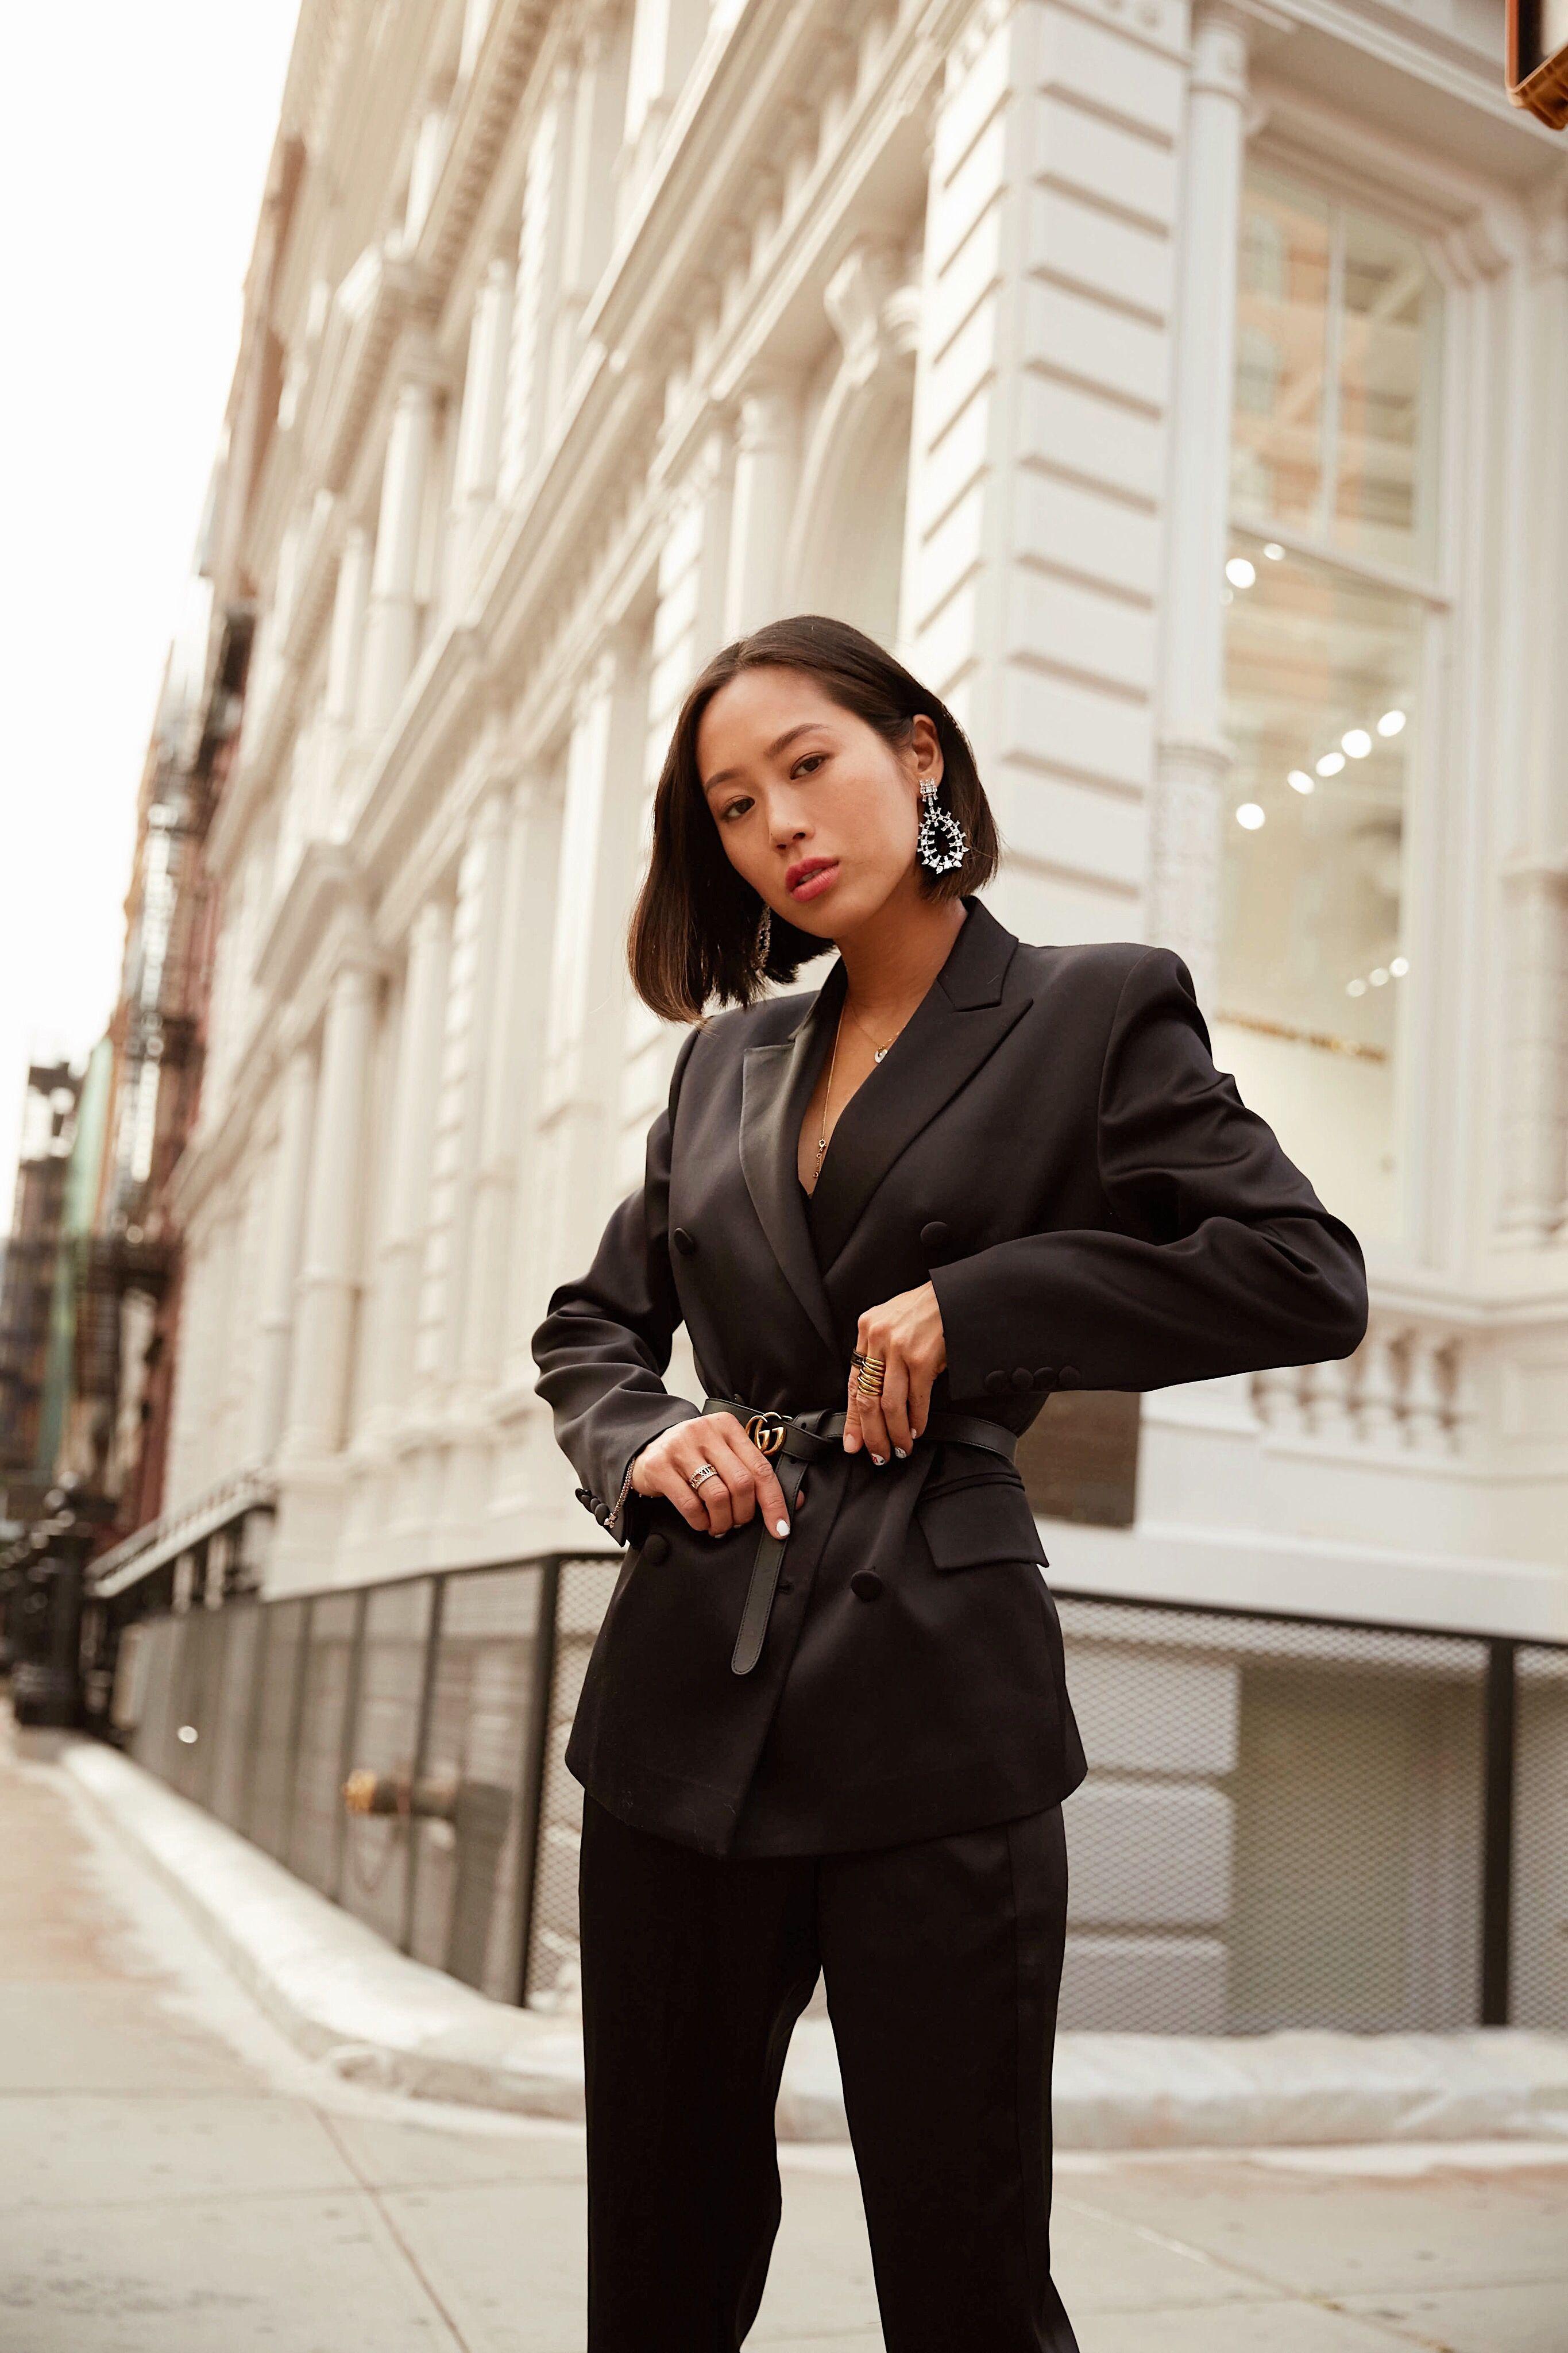 bca8f05c668f Black Blazer and Gucci Belt